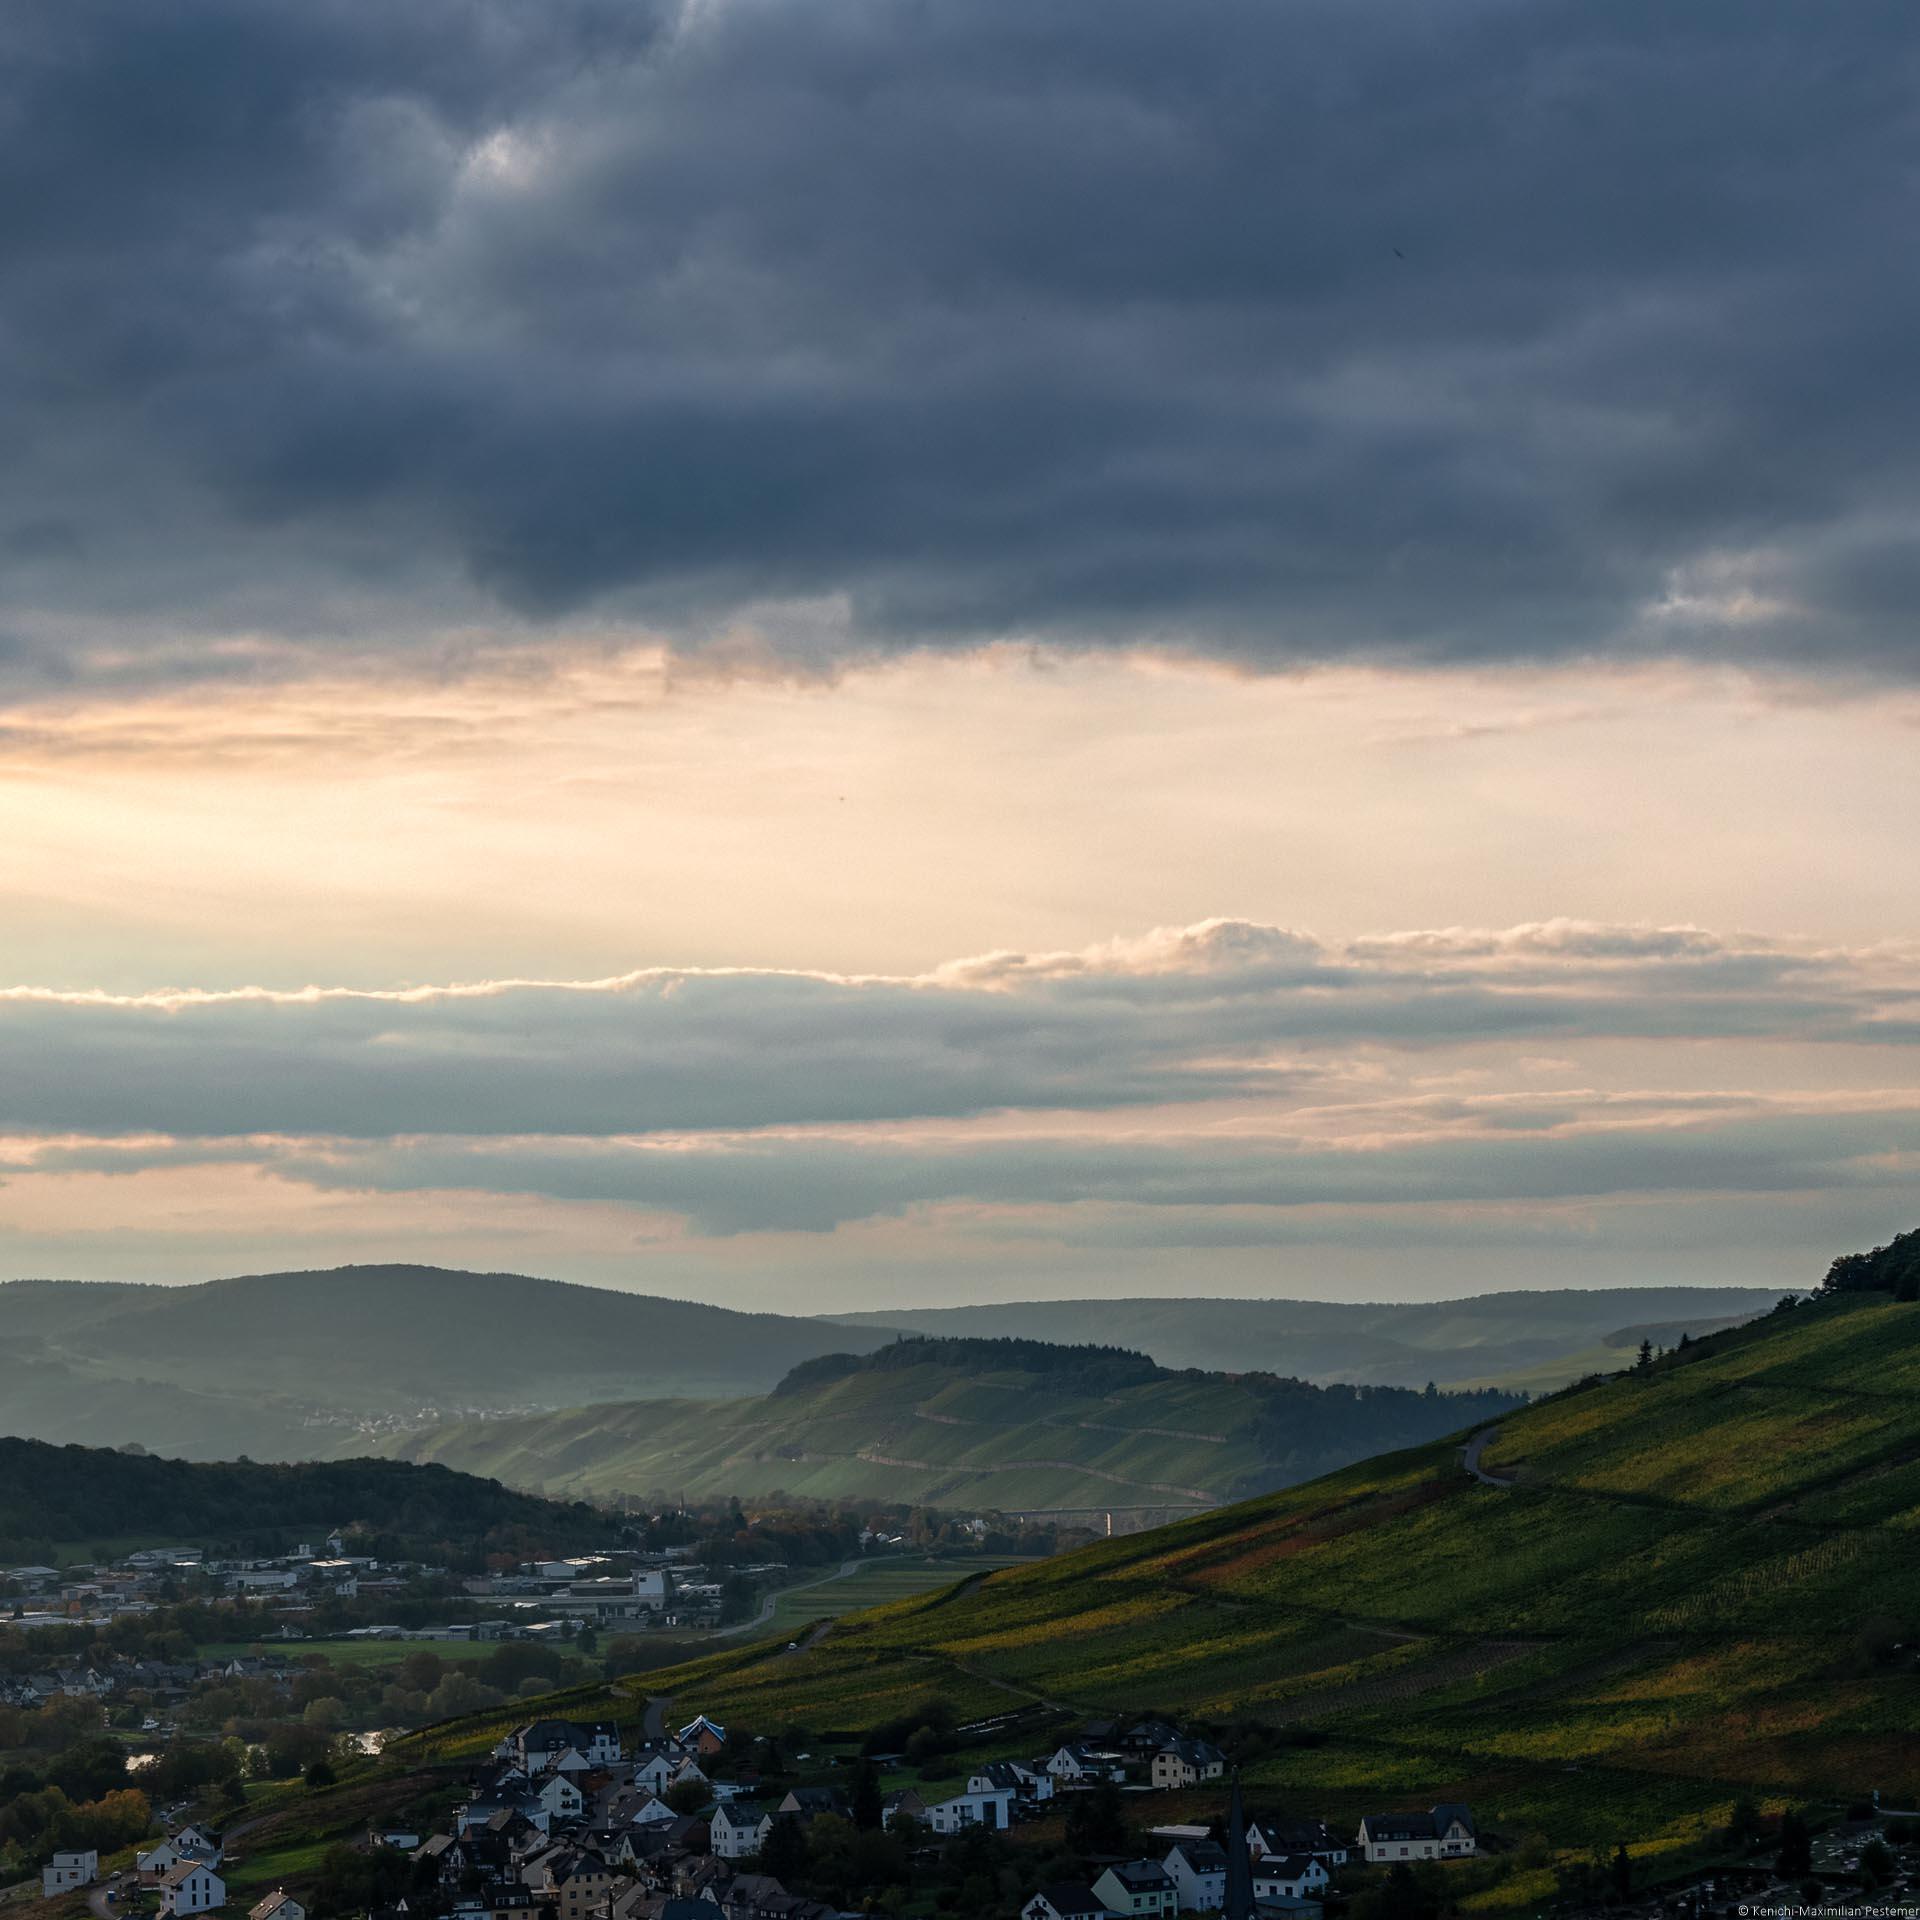 Im Vordergrund links befindet sich Bernkastel-Kues. Dahinter rechts liegt der Weinberg Kueser Weisenstein. Etwas weiter links liegt der Ortsteil Andel. Dahinter liegt der Weinberg Brauneberger Juffer Sonnenuhr. Es folgen weitere Weinberge und bewaldete Hügel. Der Himmel ist gelb-orange gefärbt. Oben erkennt man eine dunkel-blaue Wolke.